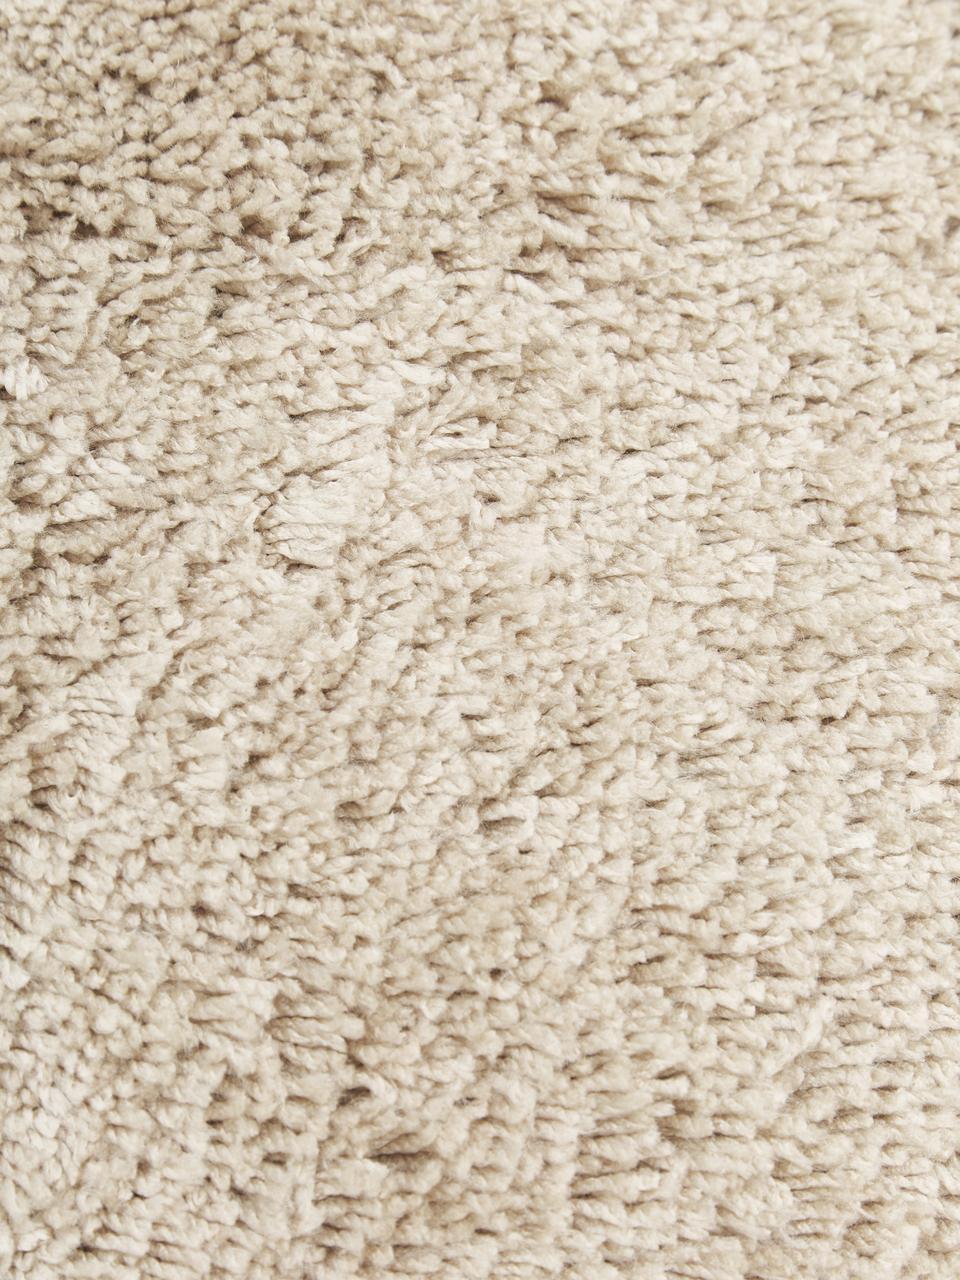 Flauschiger Hochflor-Läufer Dreamy mit Fransen, Flor: 100% Polyester, Creme, 80 x 250 cm